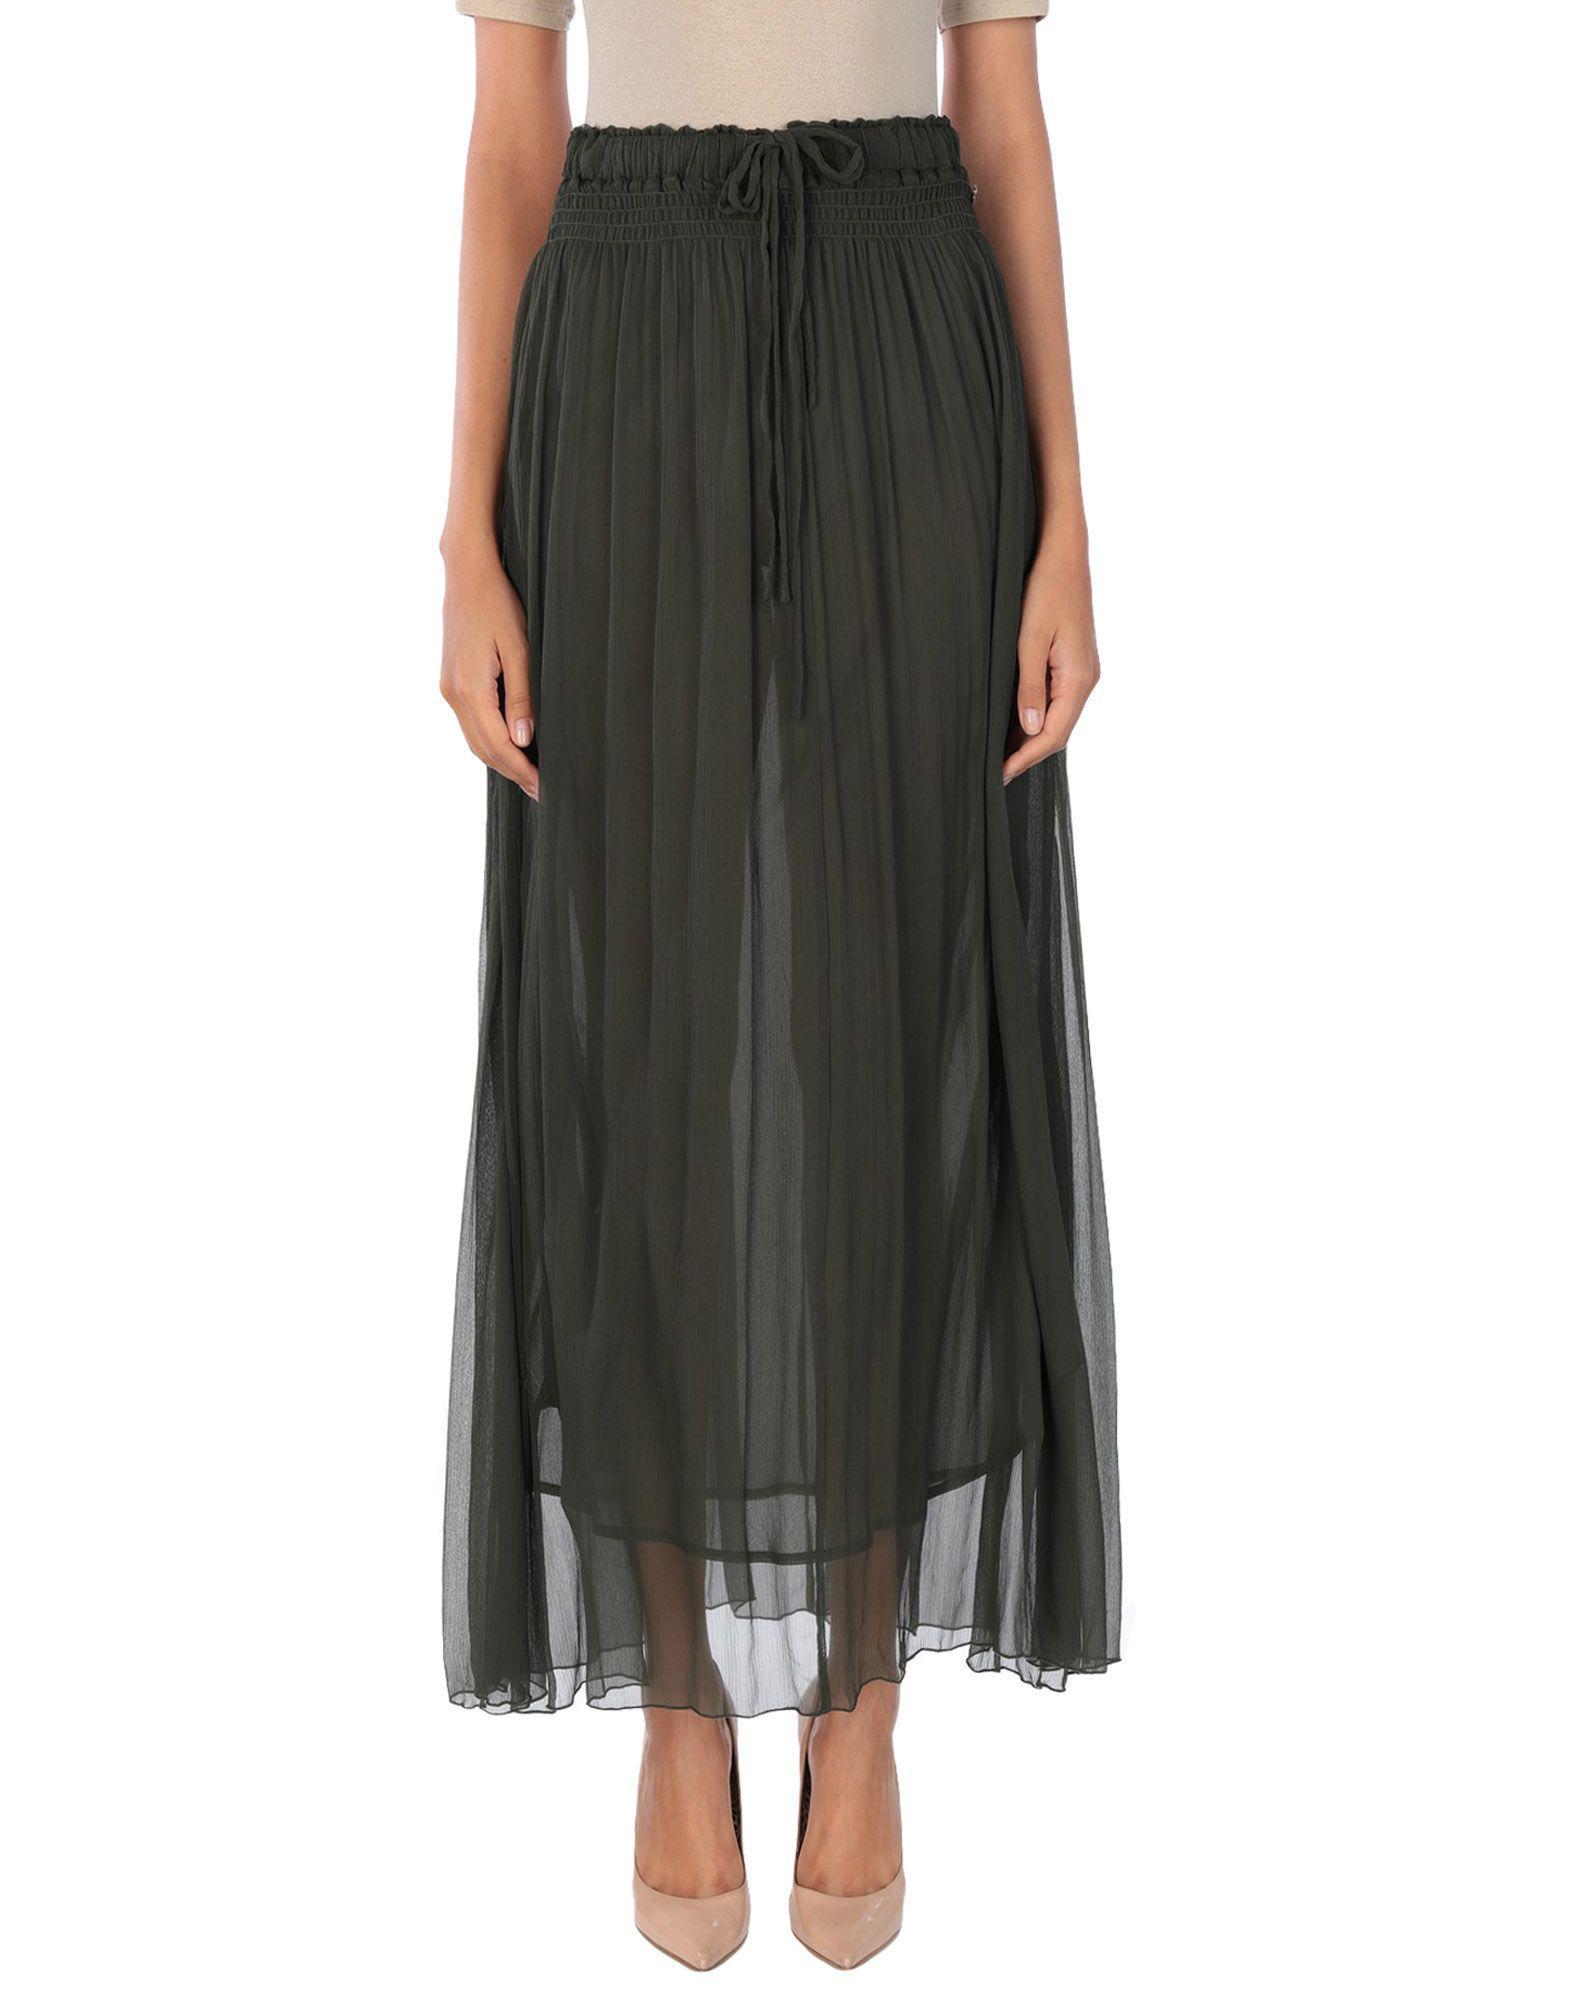 Длинная юбка  Зеленый цвета